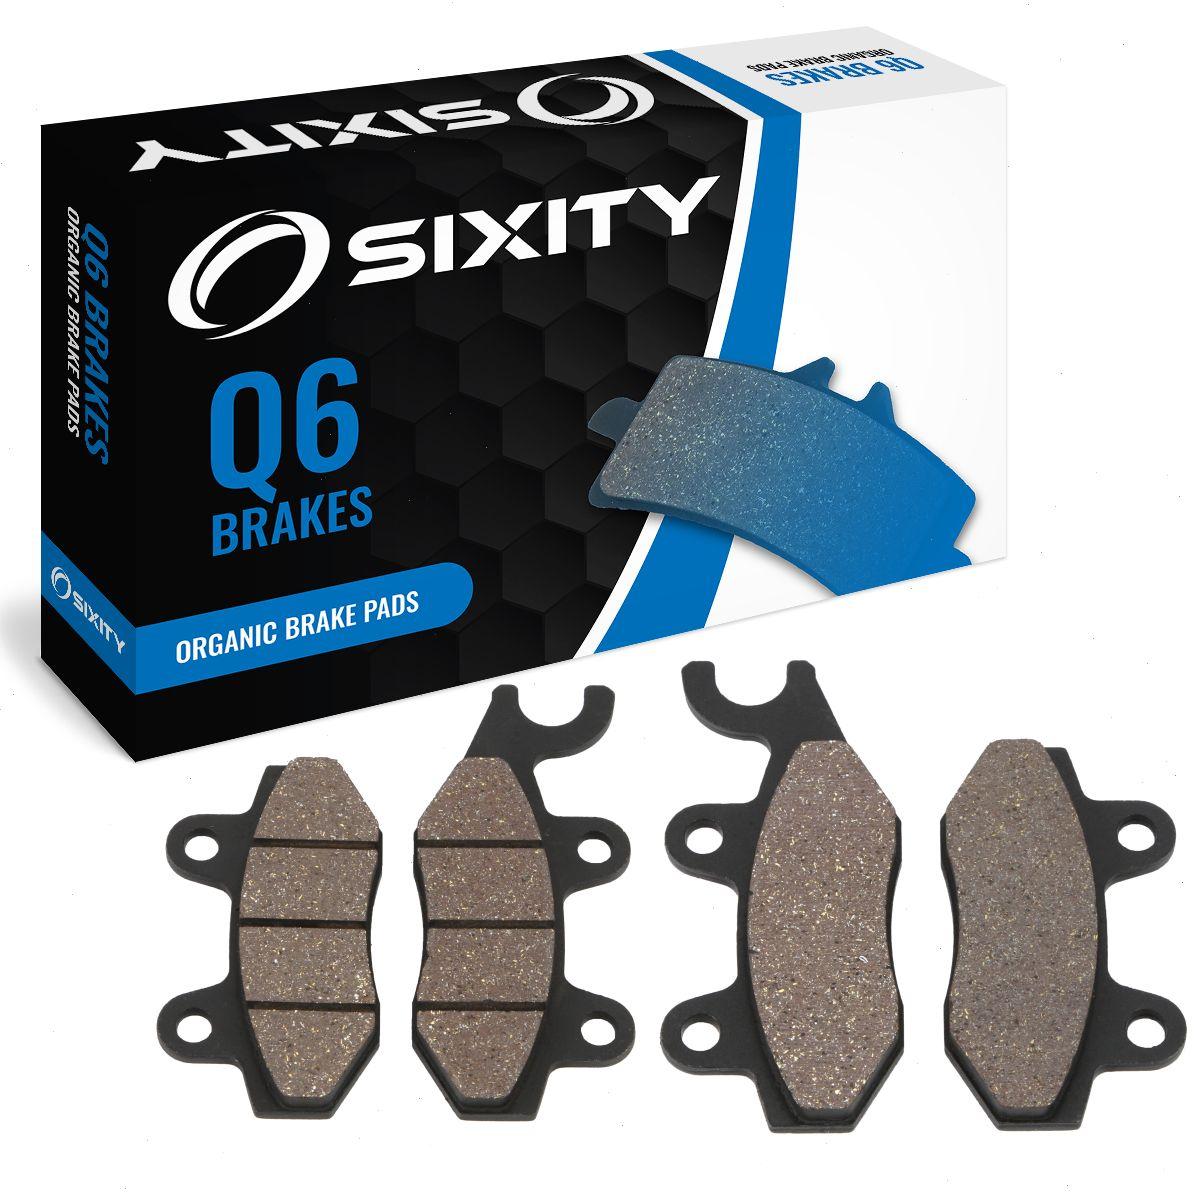 Front Rear Organic Brake Pads 2006-2009 KYMCO MXU500 Set Full Kit 4x4 gc